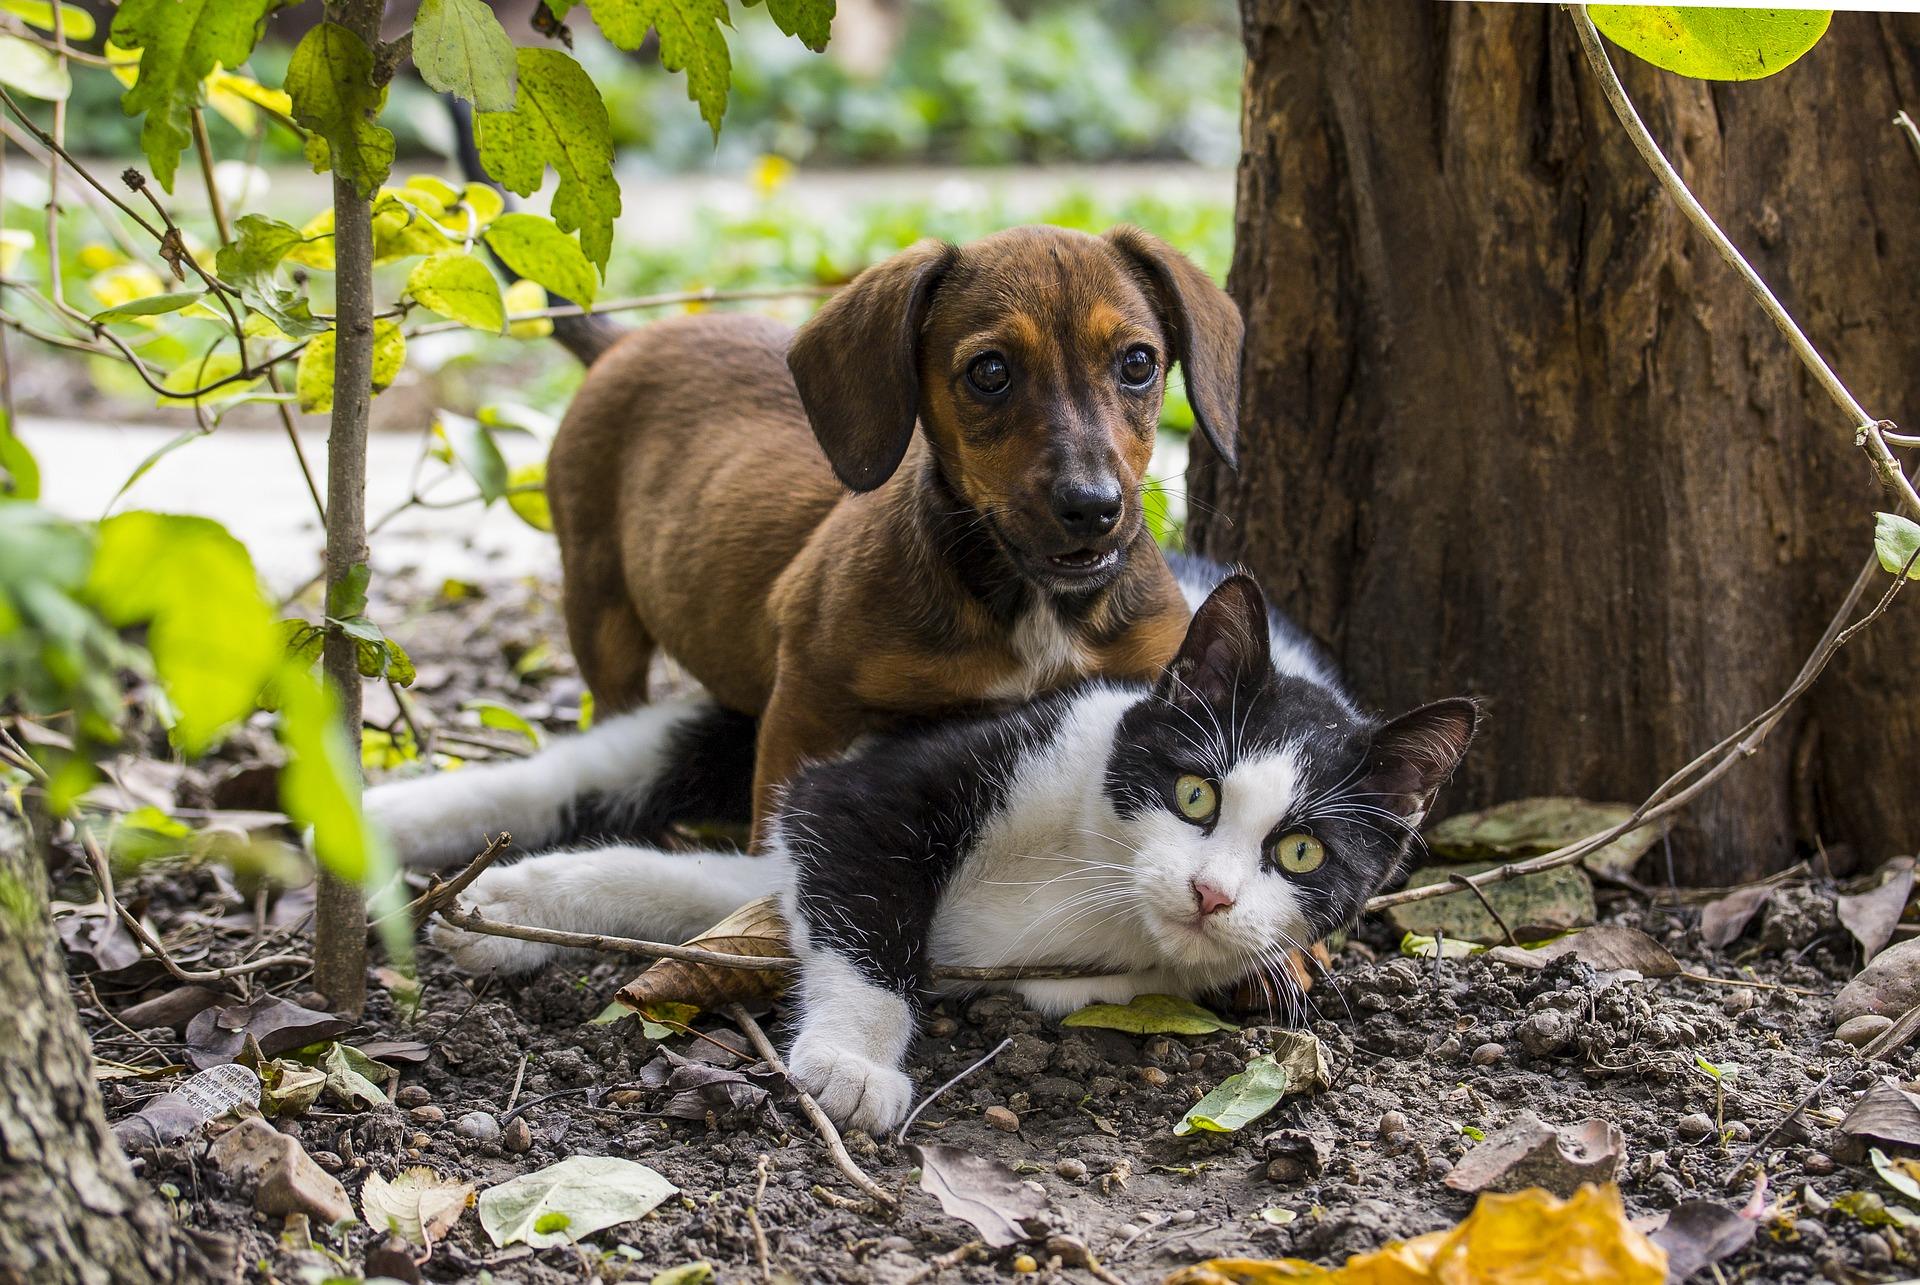 Jeu entre chien et chat : oui c'est possible